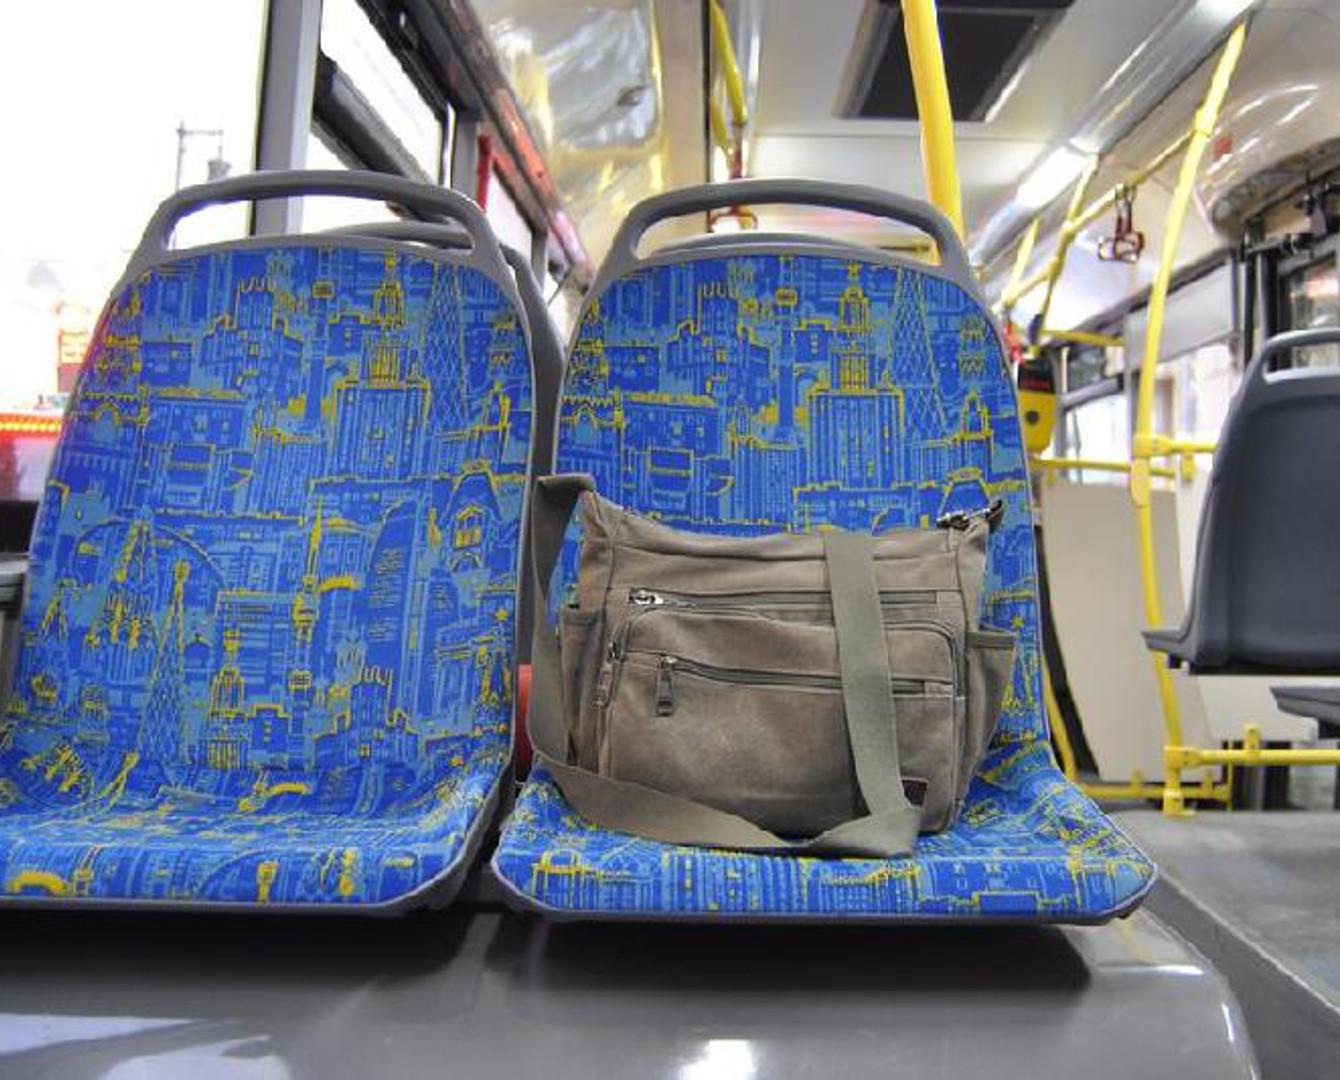 Astana LRT автобуста қалып қойған заттарды қайтарып беруді жолға қоймақ